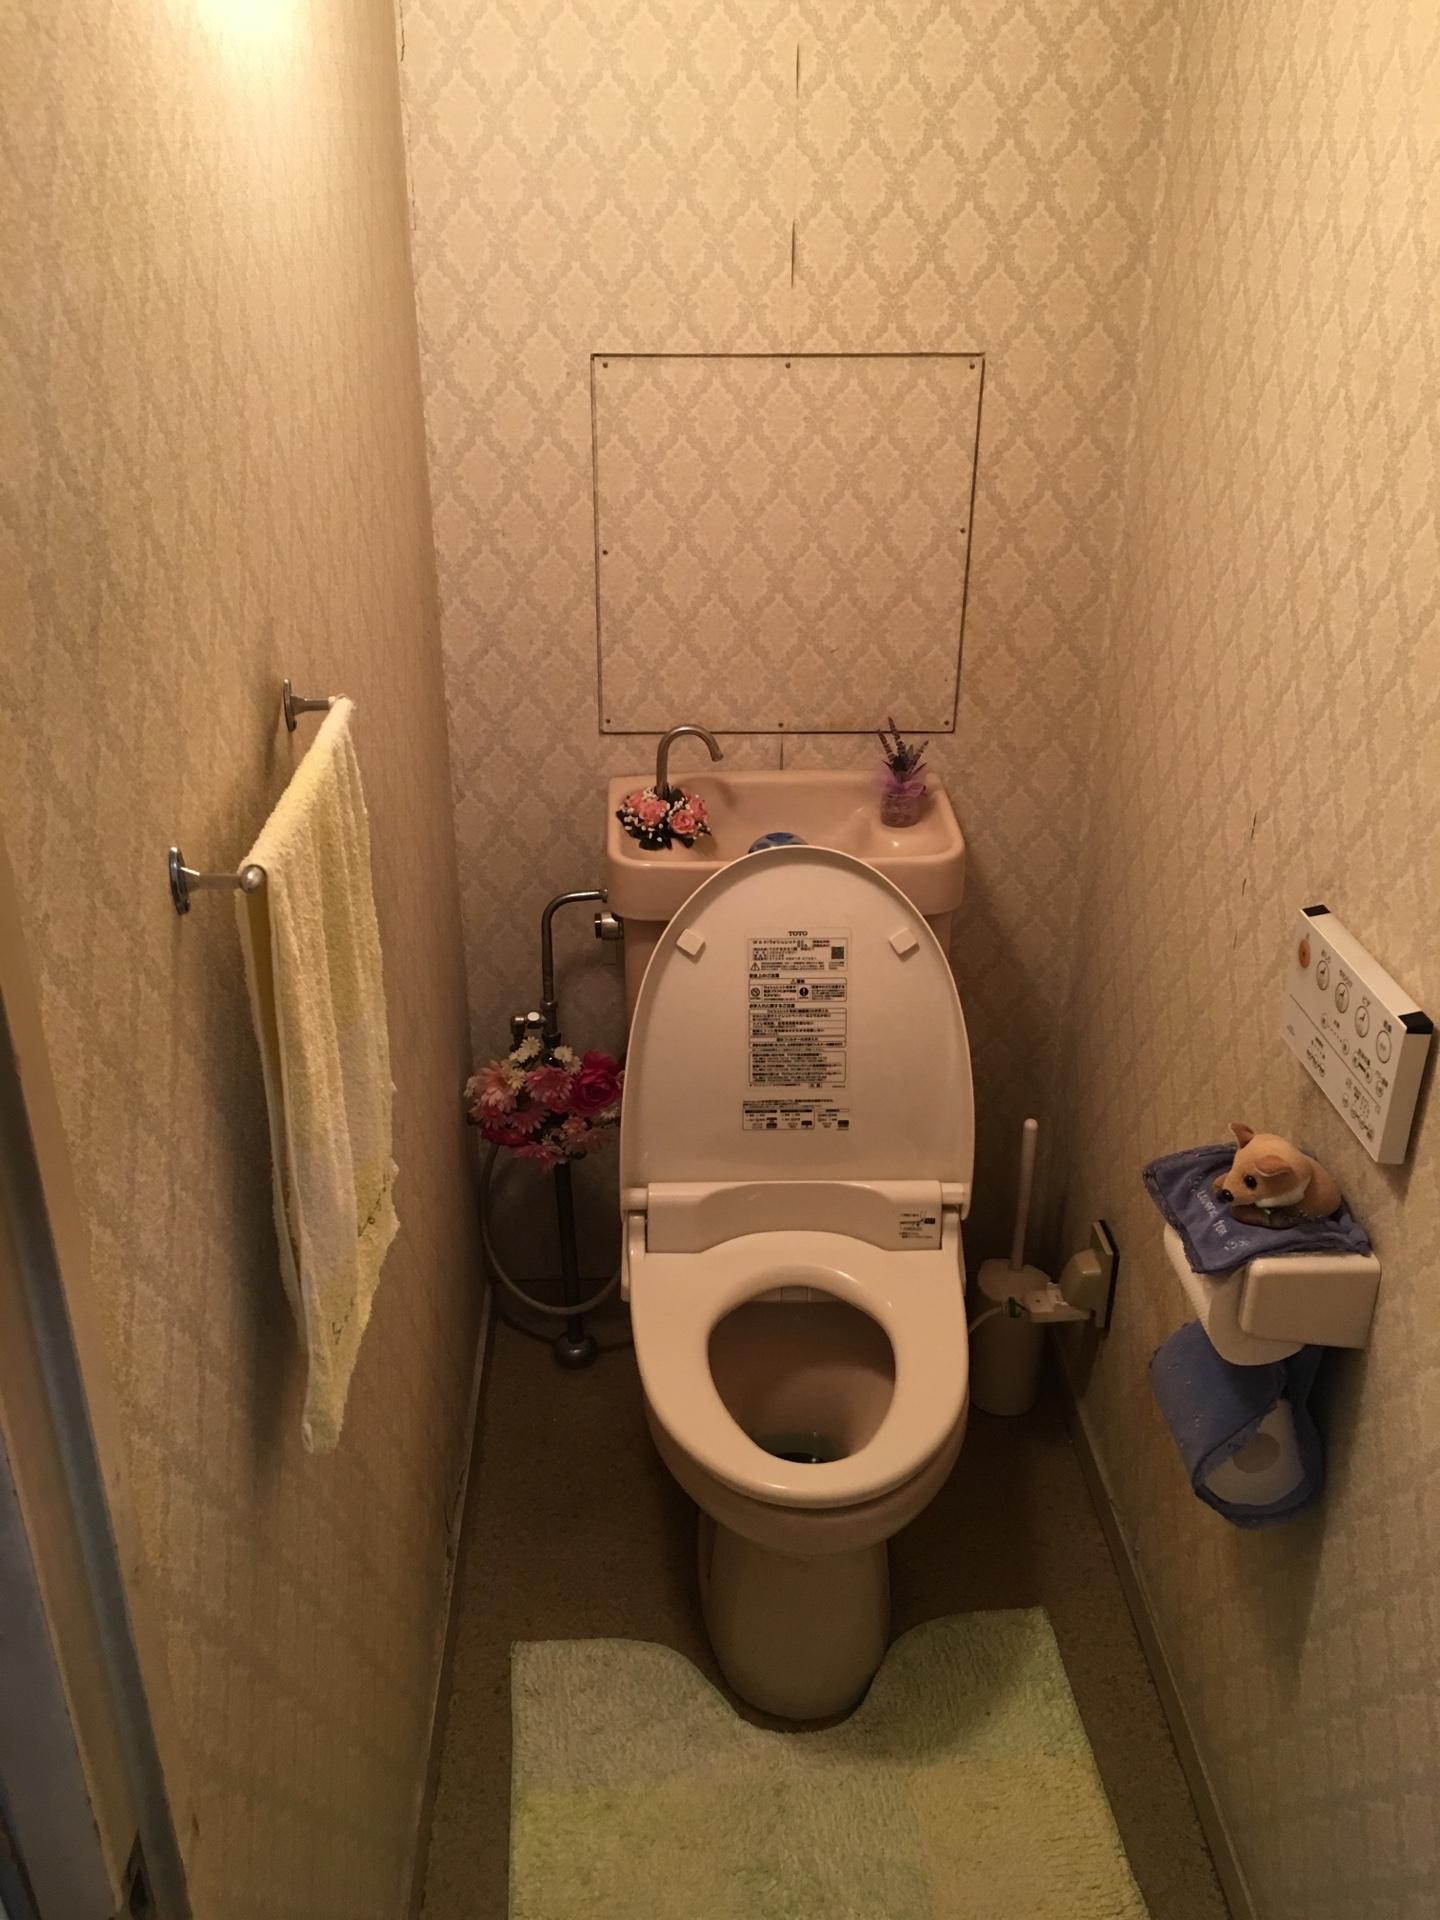 横浜市,西区,洗面台,トイレ,節水,省エネ